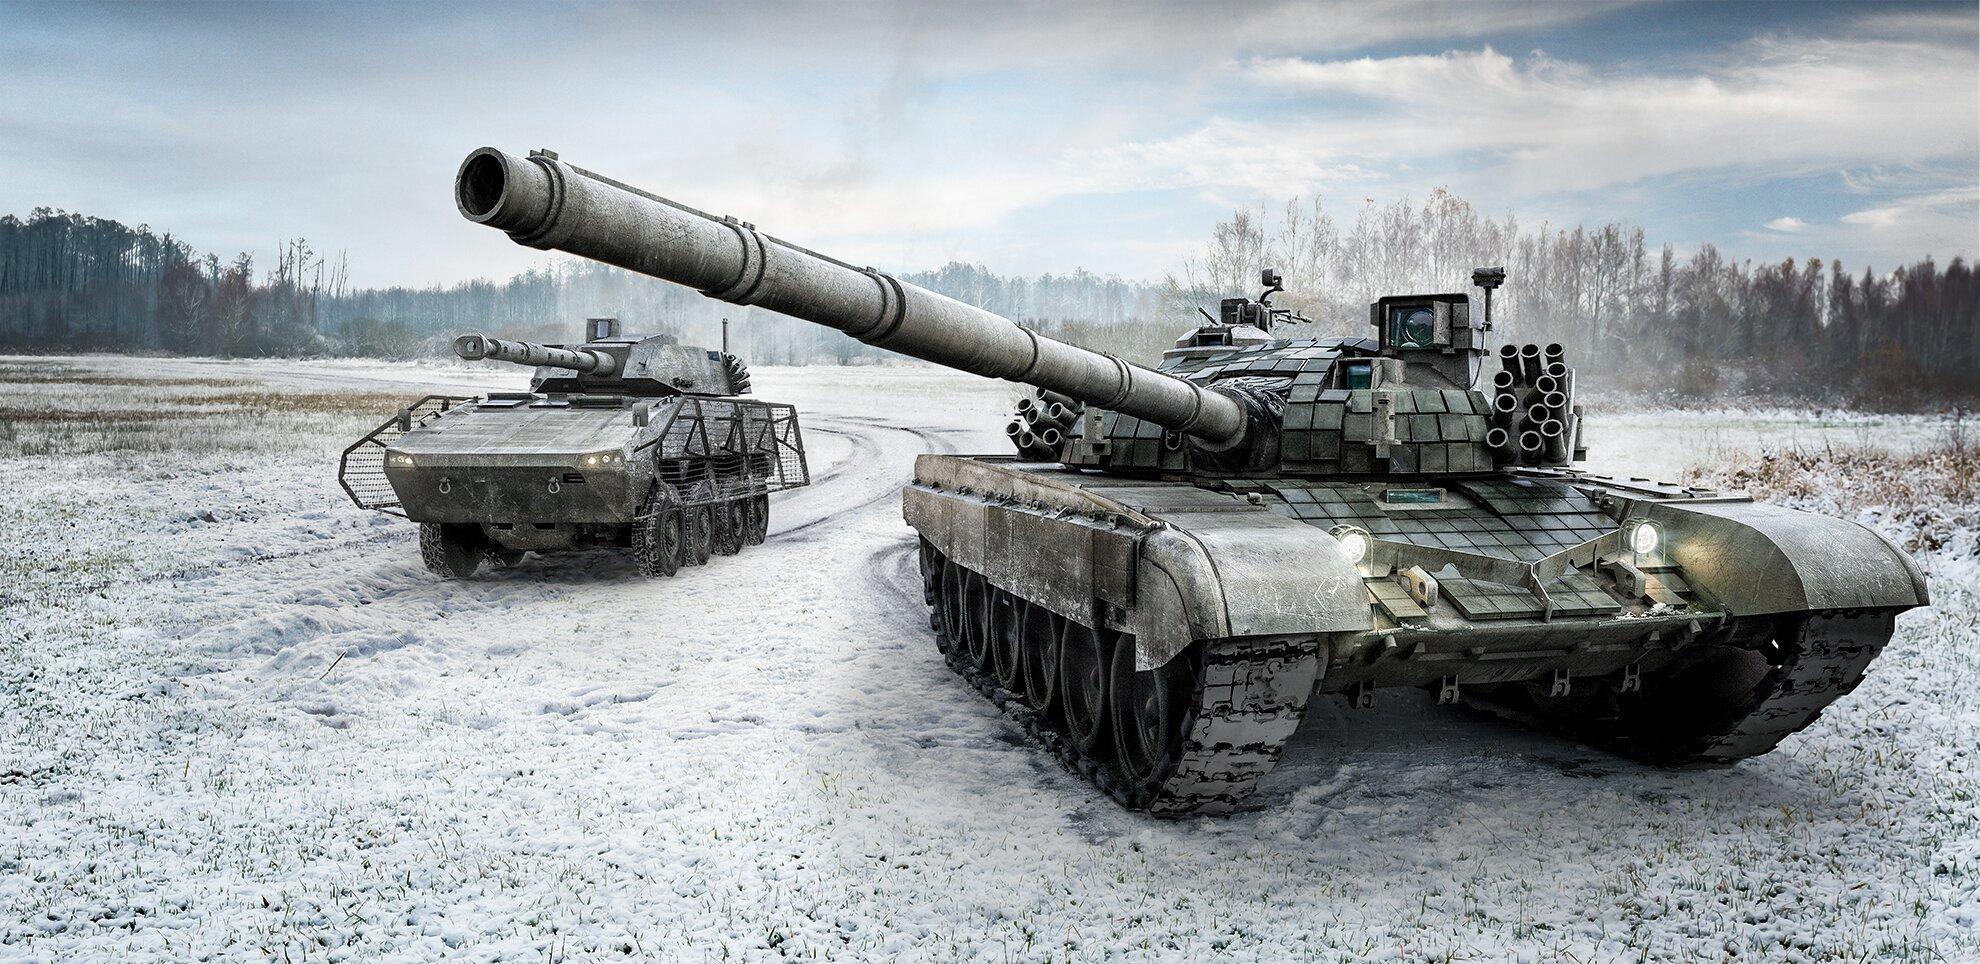 Type 62 Premium matchmaking